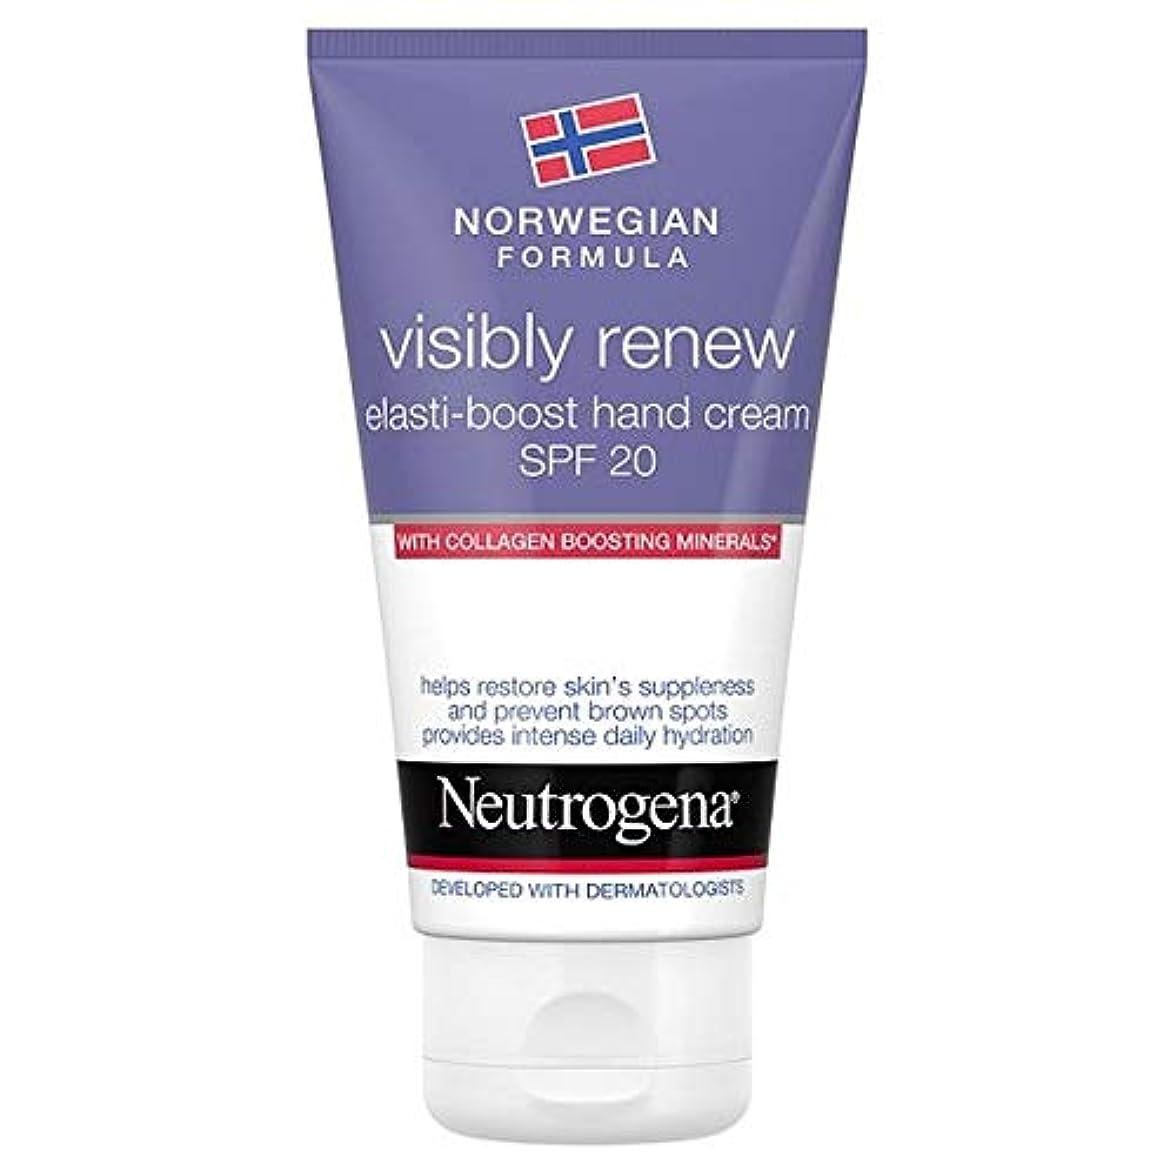 最後のせせらぎ縮約[Neutrogena] ニュートロジーナノルウェー式は目に見えてハンドクリームを75ミリリットルを更新します - Neutrogena Norwegian Formula Visibly Renew Hand Cream...